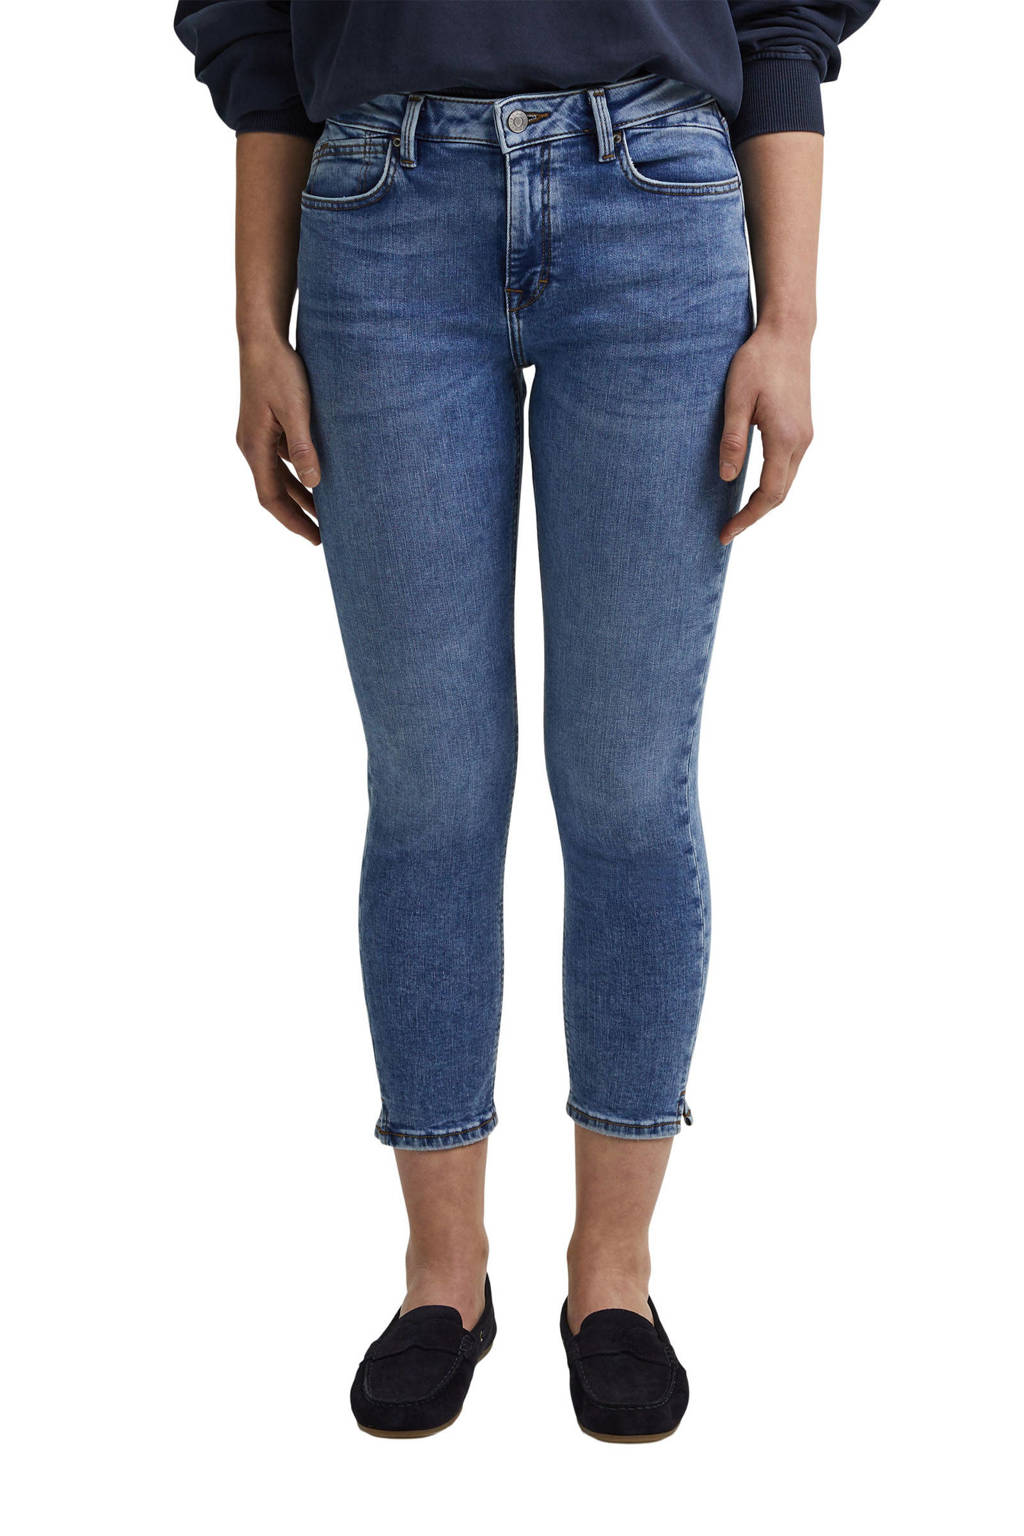 ESPRIT Women Casual cropped slim fit jeans medium blue denim, Medium blue denim